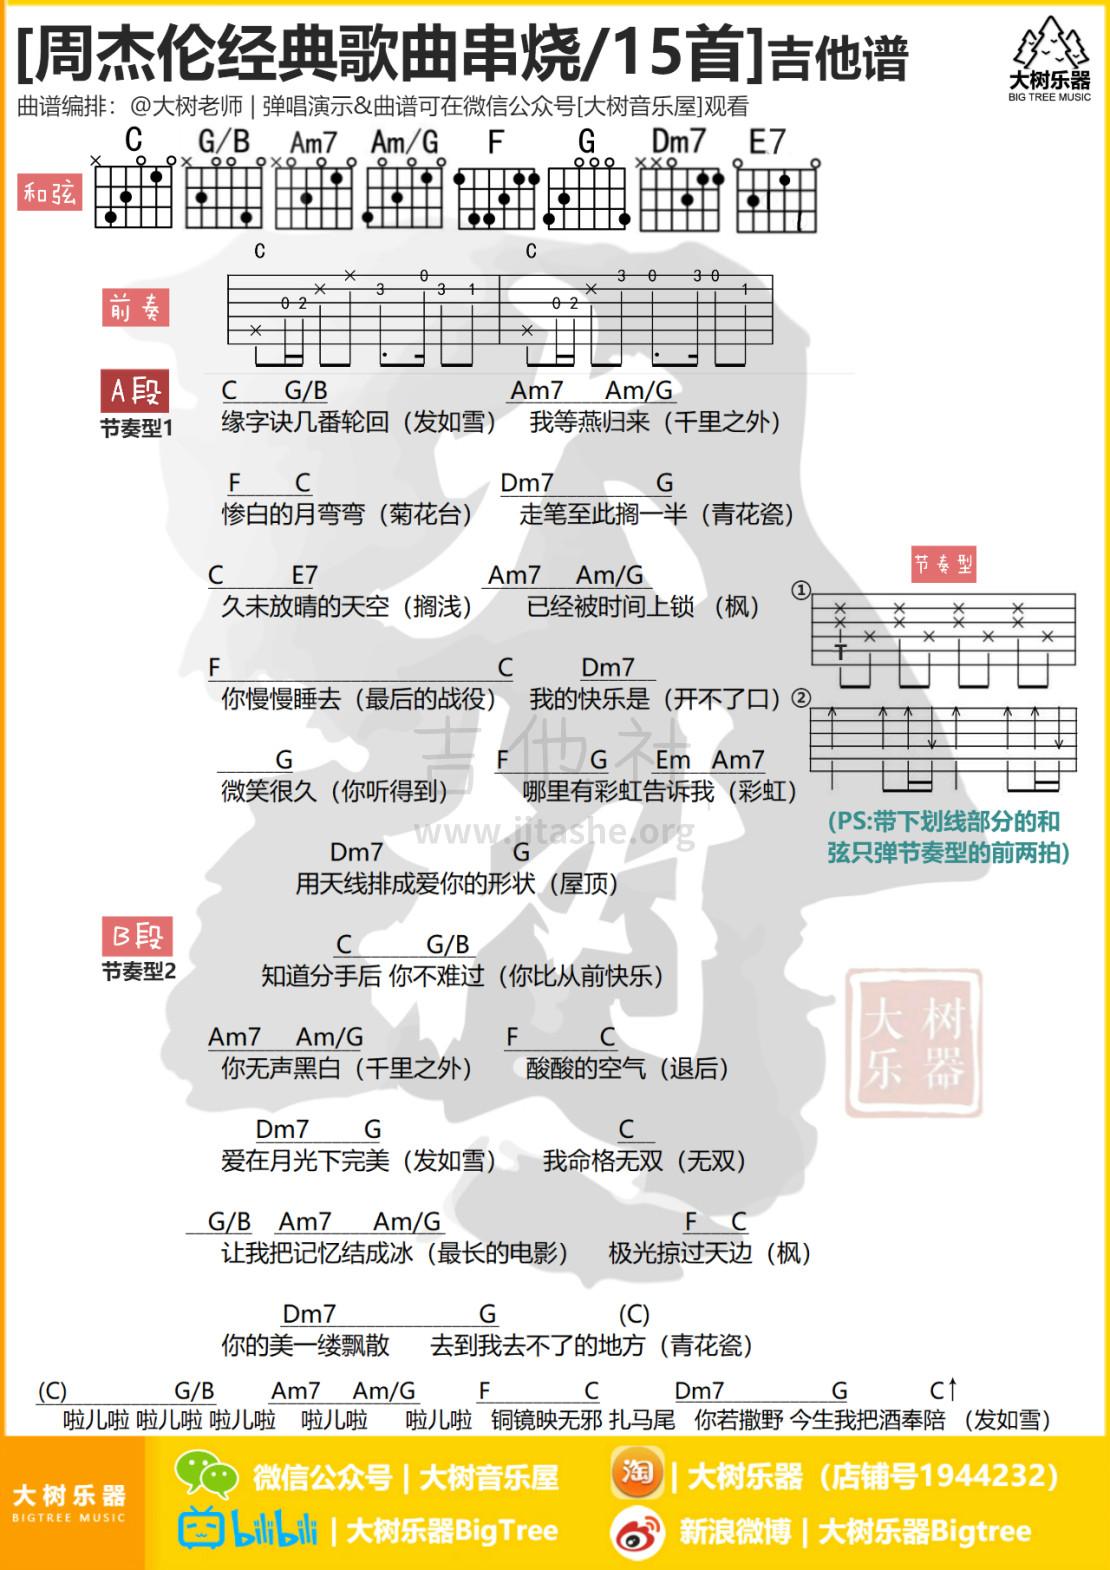 周杰伦15首歌曲经典串烧吉他谱(图片谱,弹唱,和弦谱,串烧)_周杰伦(Jay Chou)_模板_meitu_3_meitu_2_meitu_1.jpg